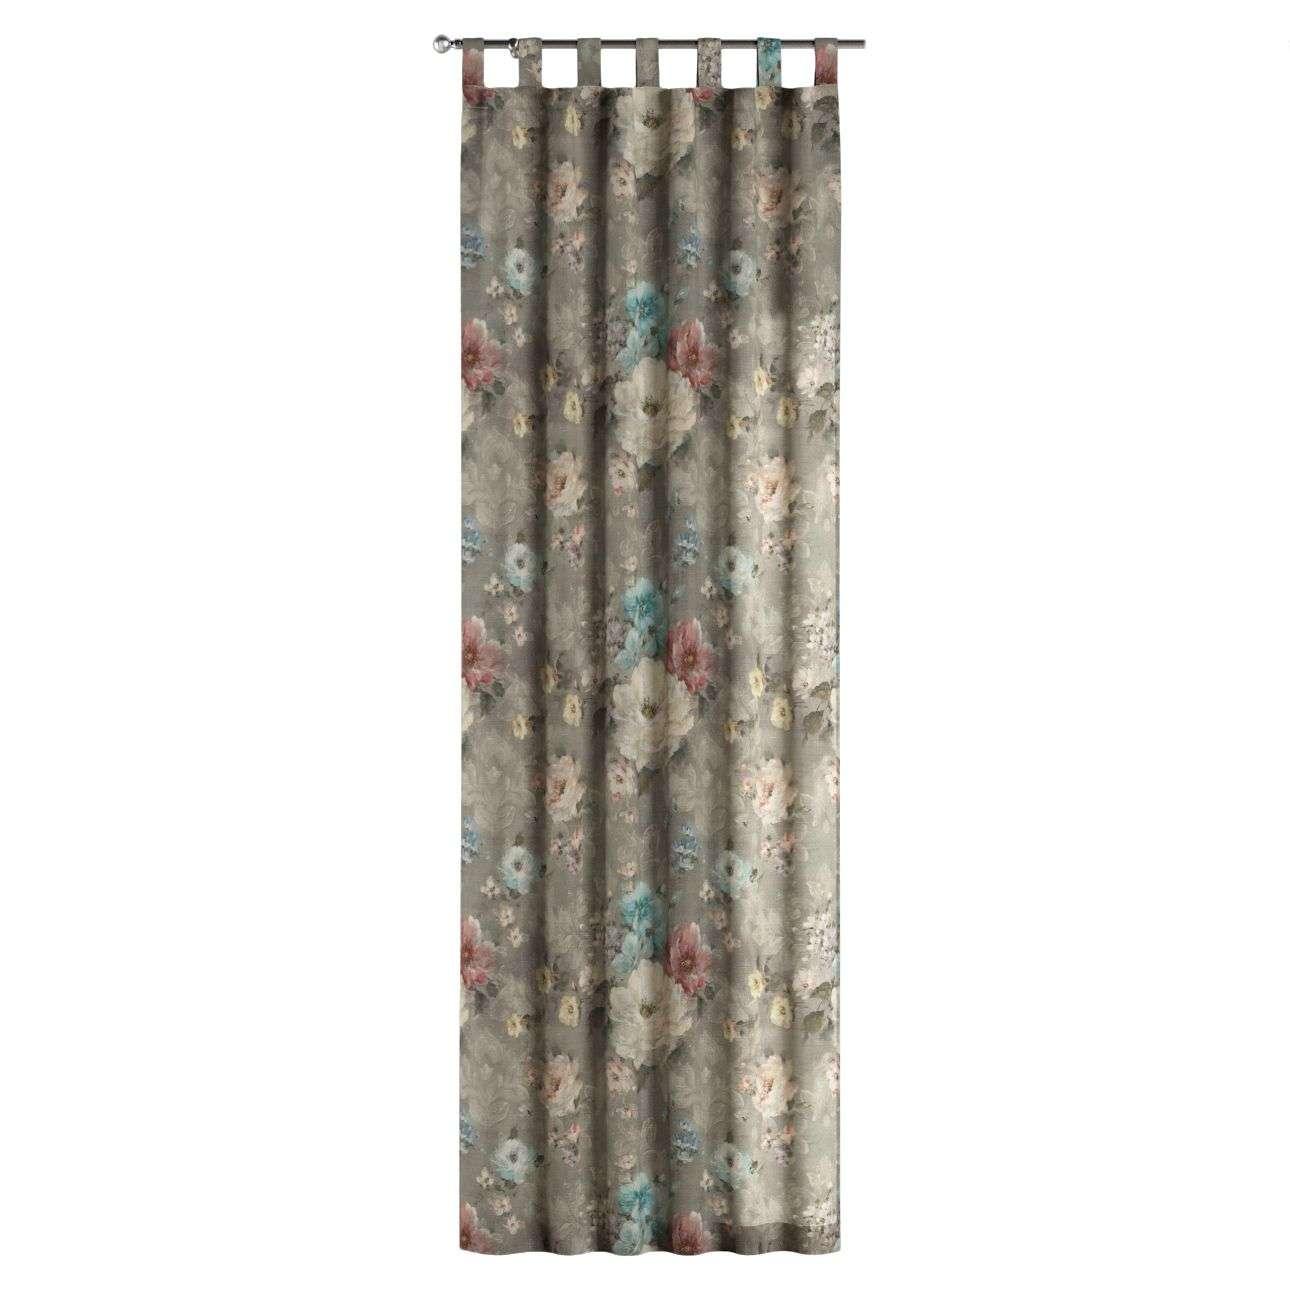 Kilpinio klostavimo užuolaidos 130 x 260 cm (plotis x ilgis) kolekcijoje Monet, audinys: 137-81